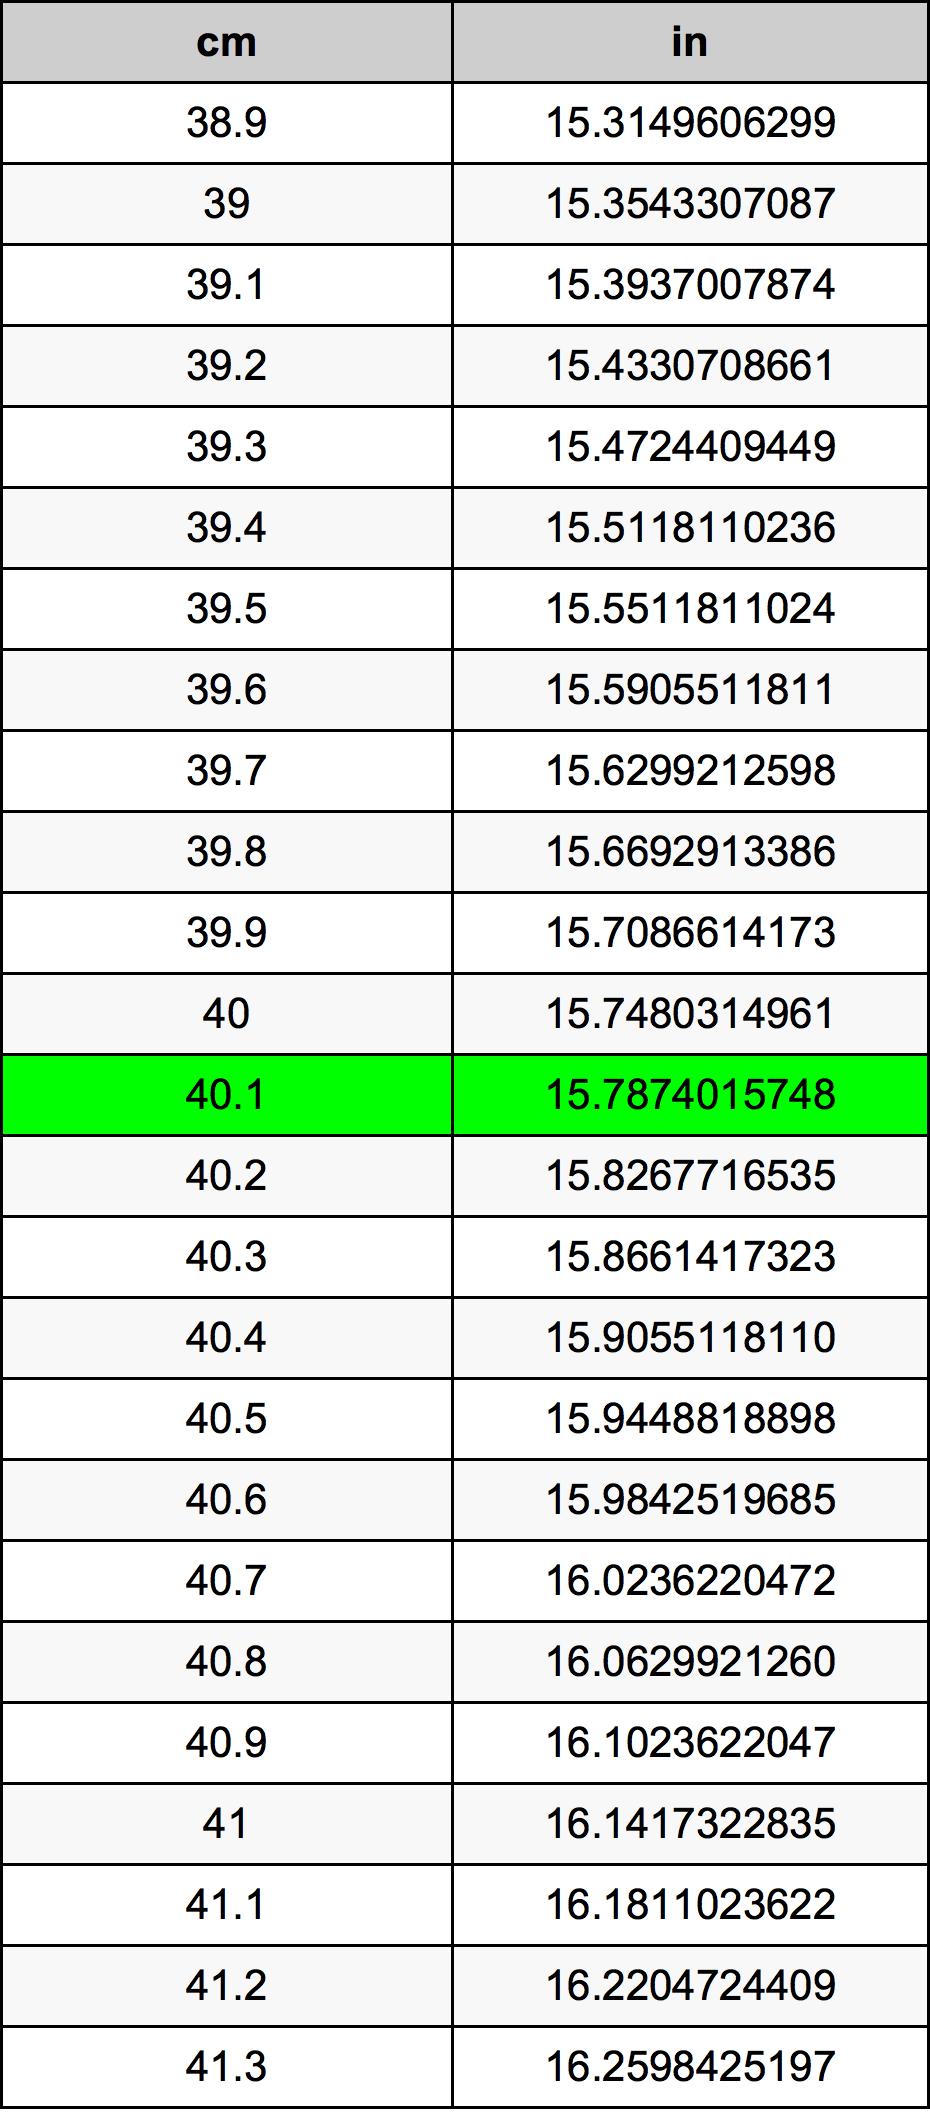 40.1 Centímetro tabela de conversão